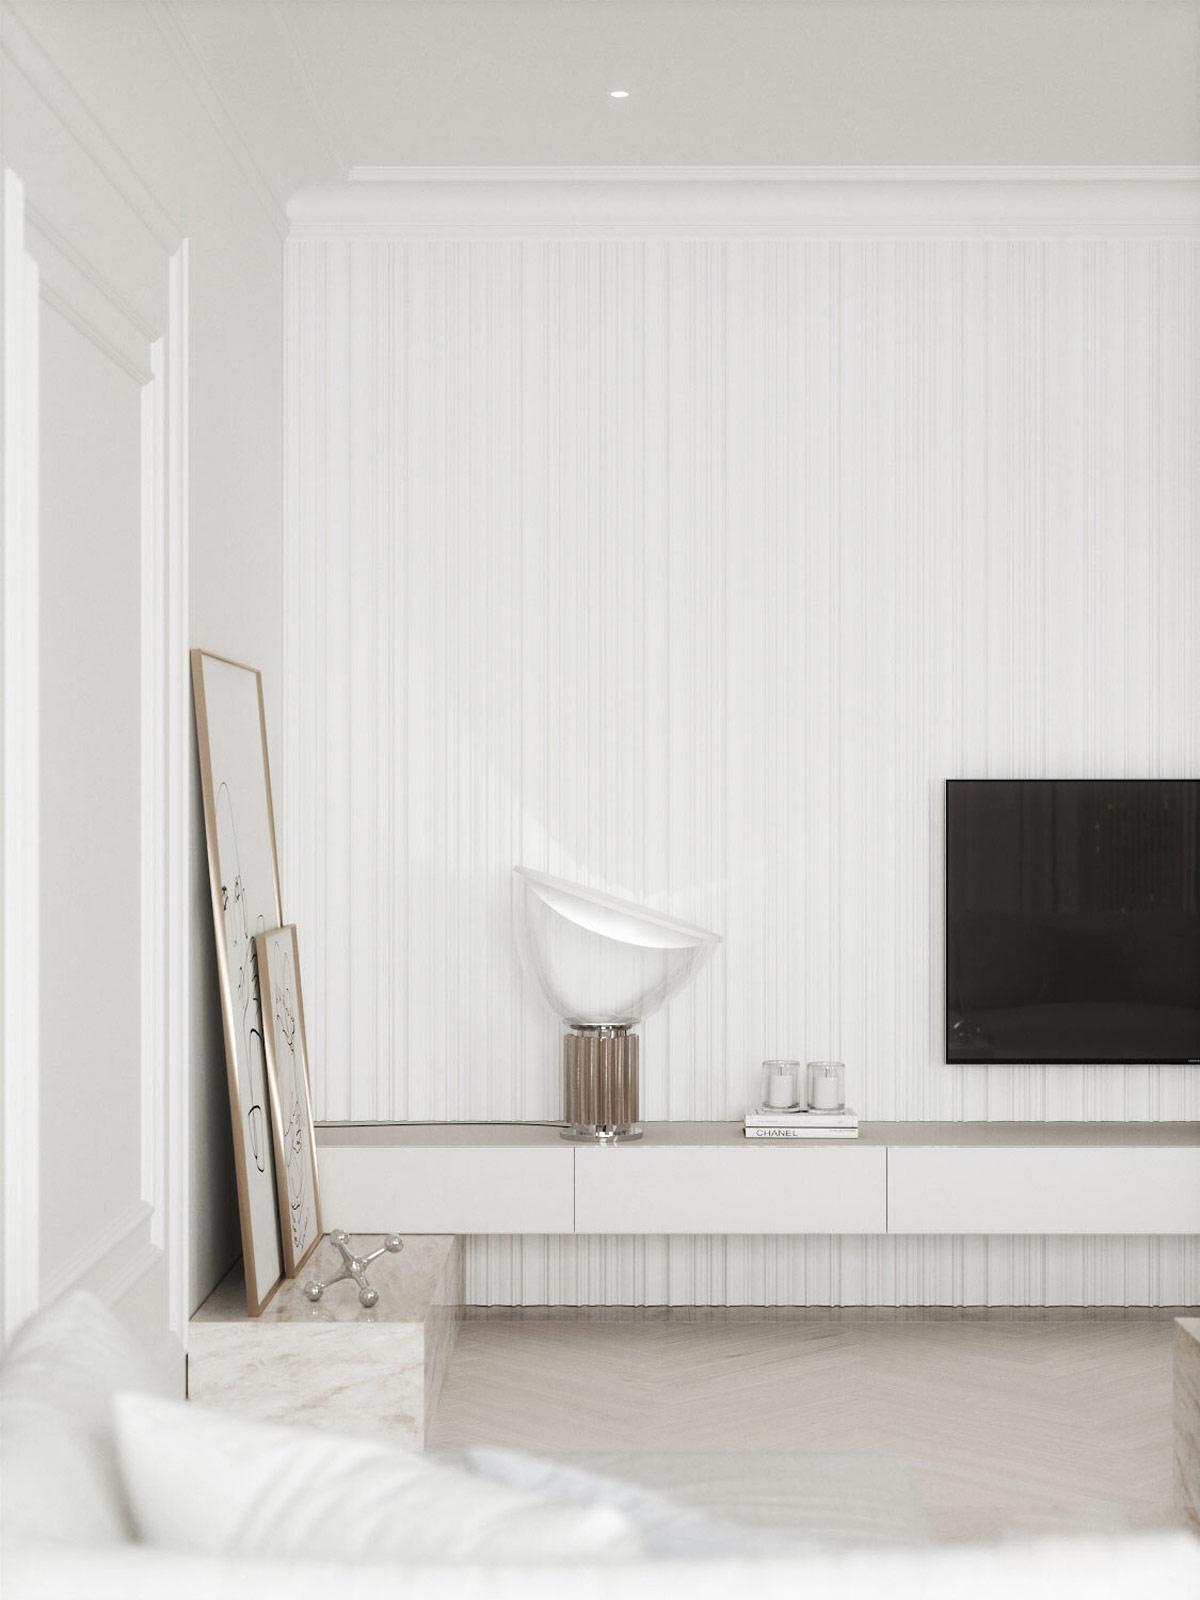 轻盈奢华! 87平白色精致的现代高端住宅w88手机官网平台首页